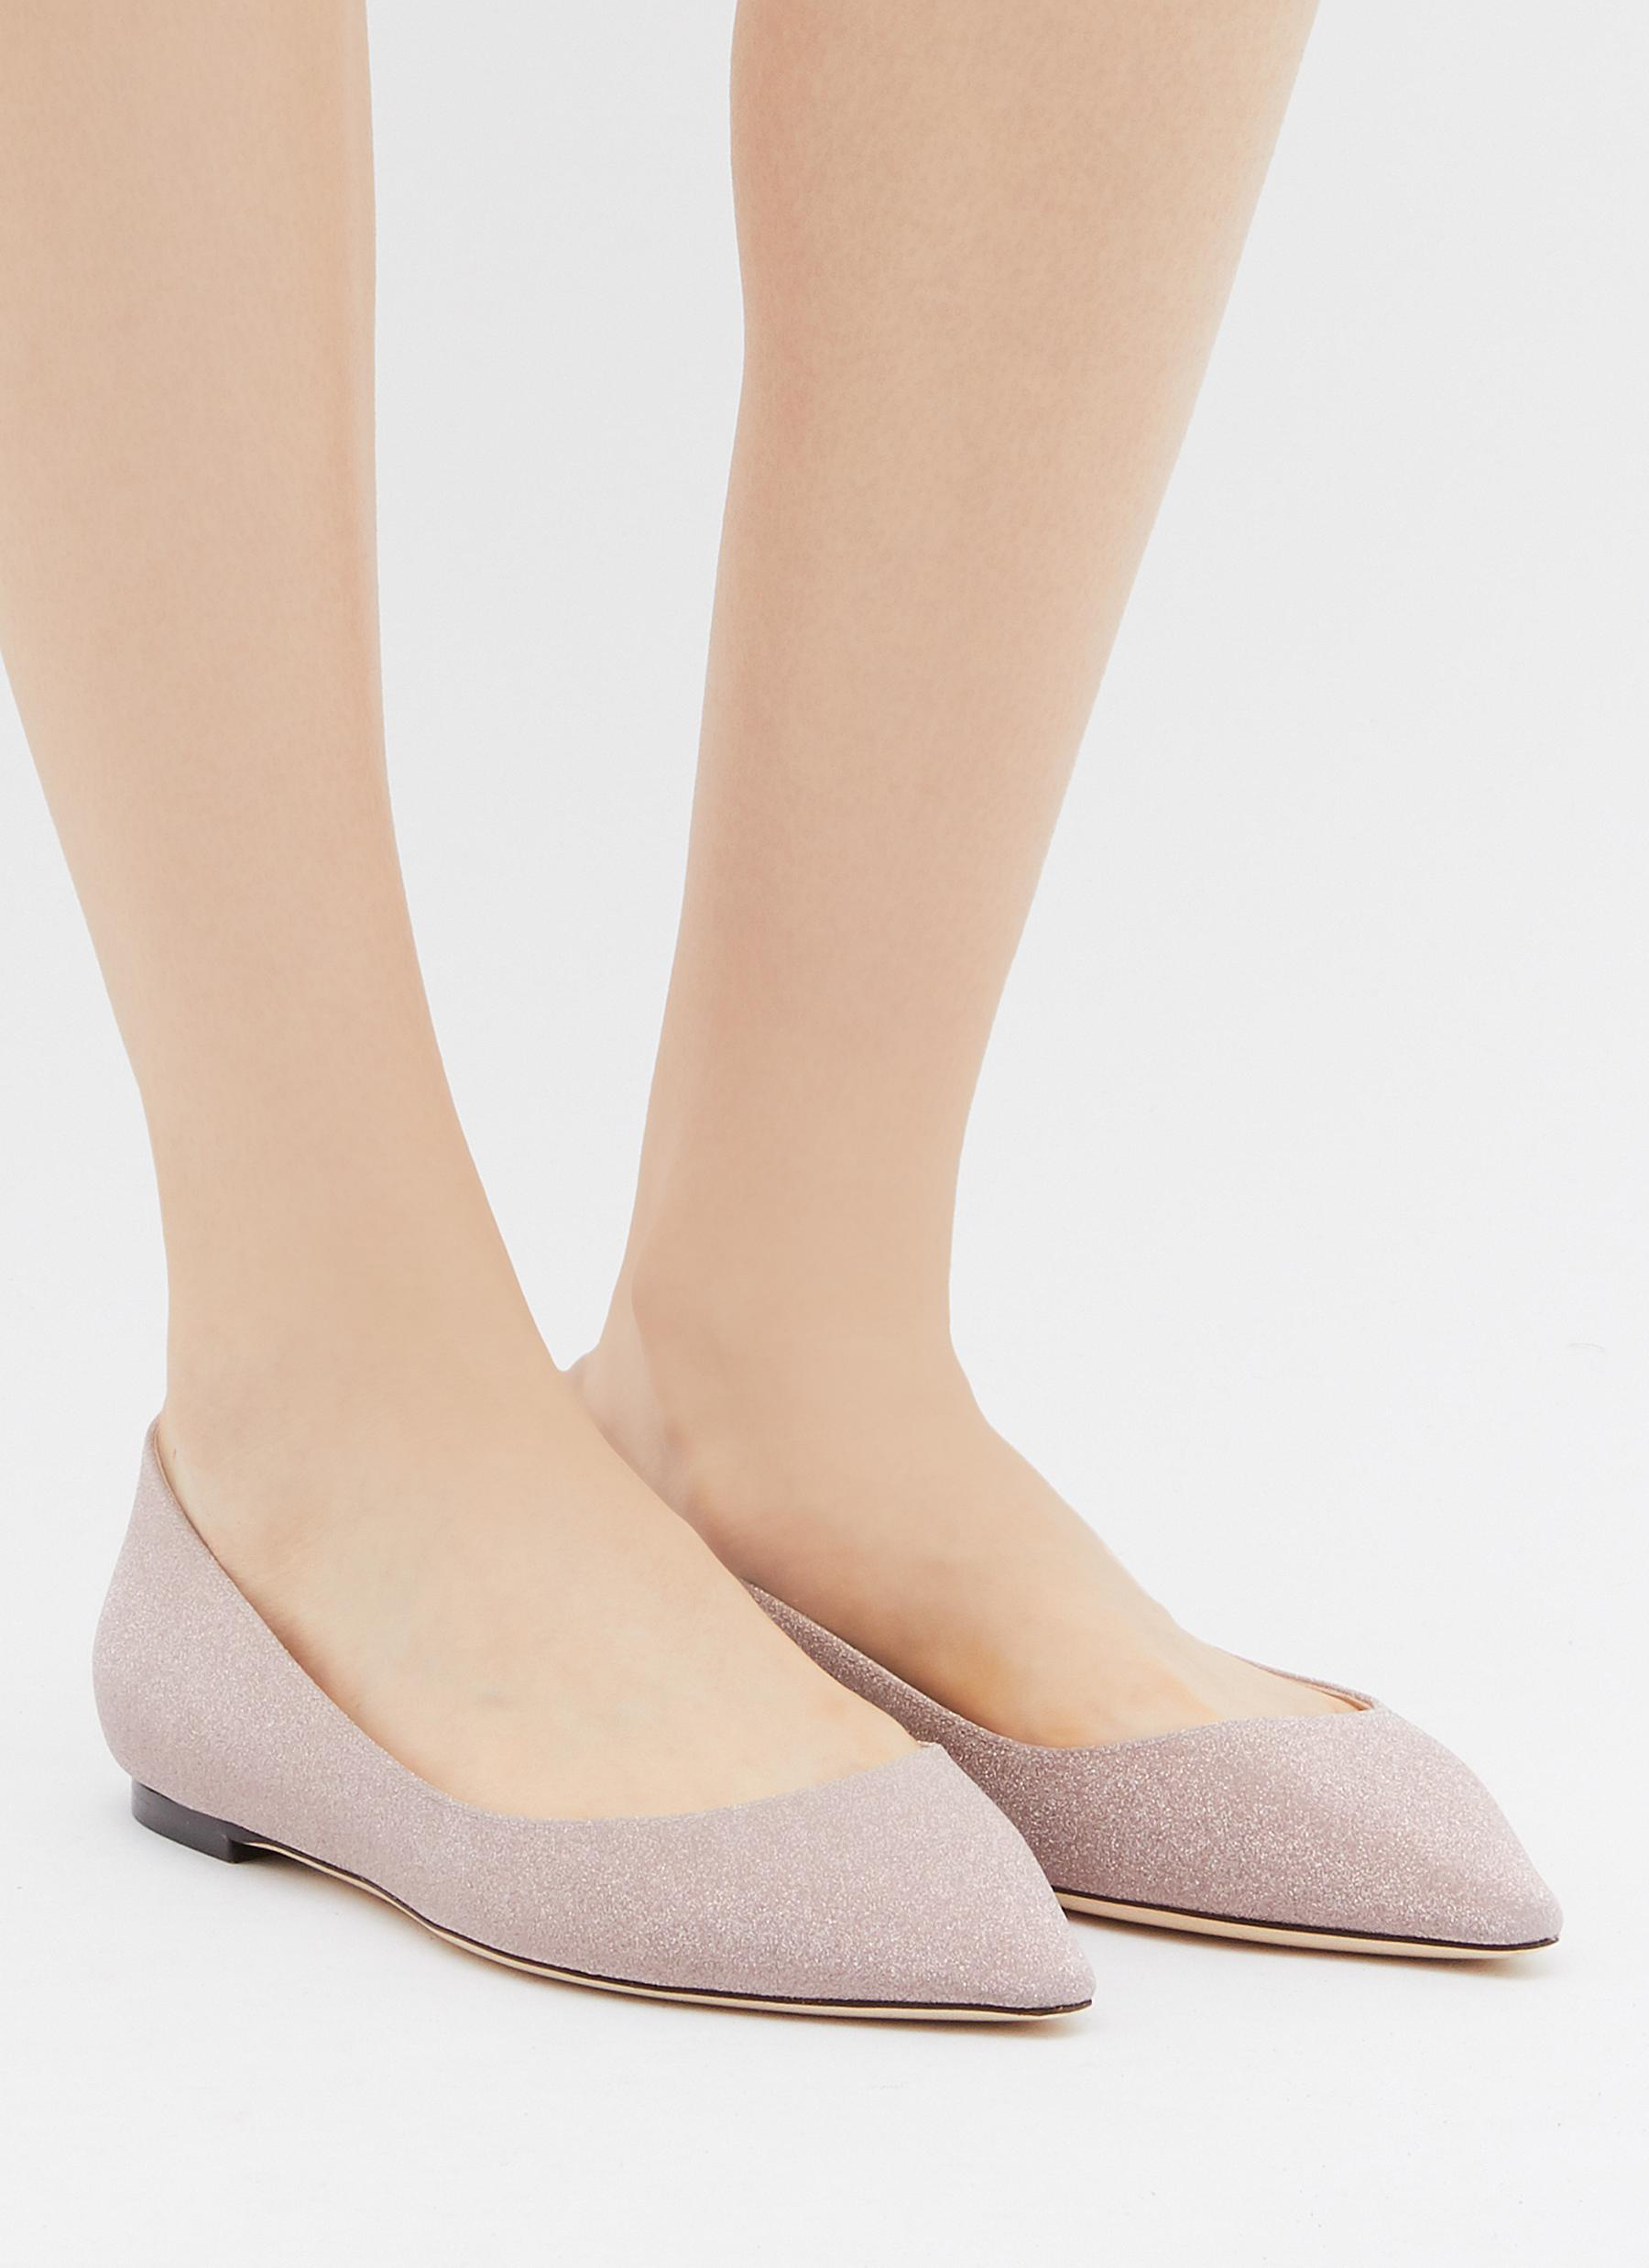 ccde5f3c0f1f Jimmy Choo - Pink Romy Glitter Ballet Flats - Lyst. View fullscreen